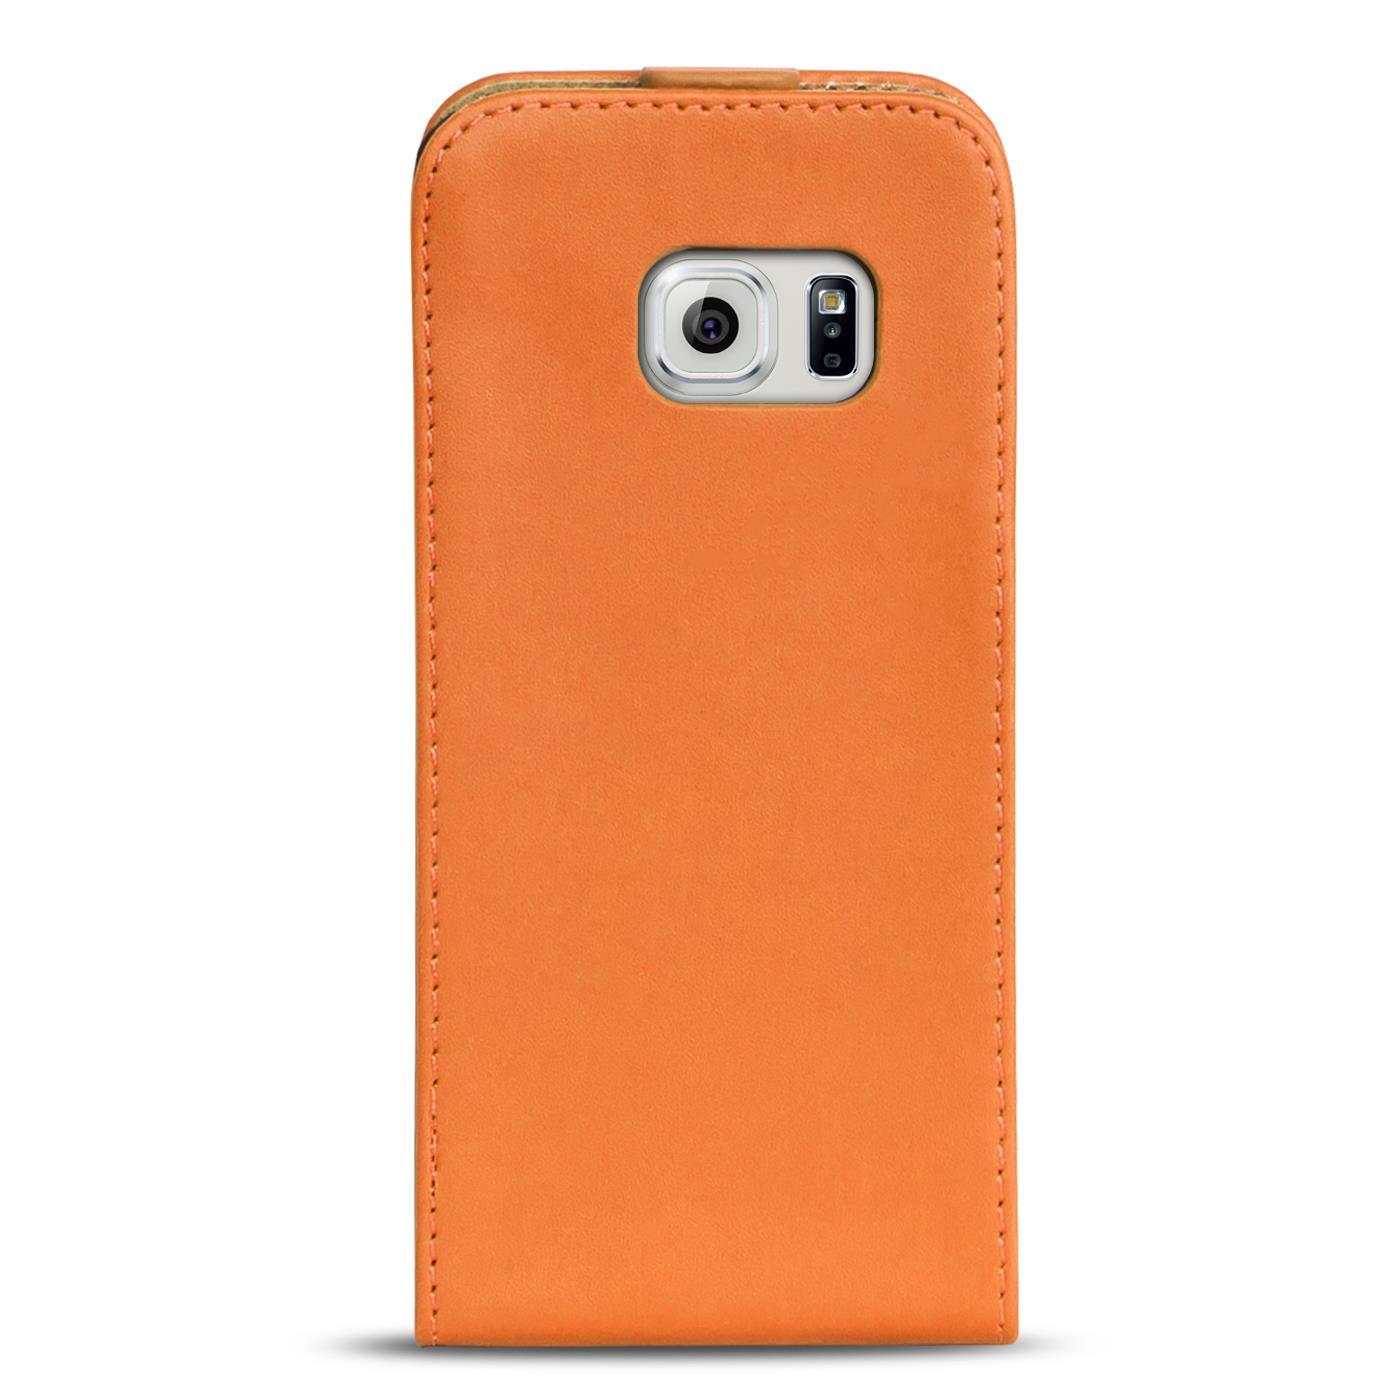 Klapphuelle-Samsung-Galaxy-Flip-Case-Tasche-Schutzhuelle-Cover-Schutz-Handy-Huelle Indexbild 57